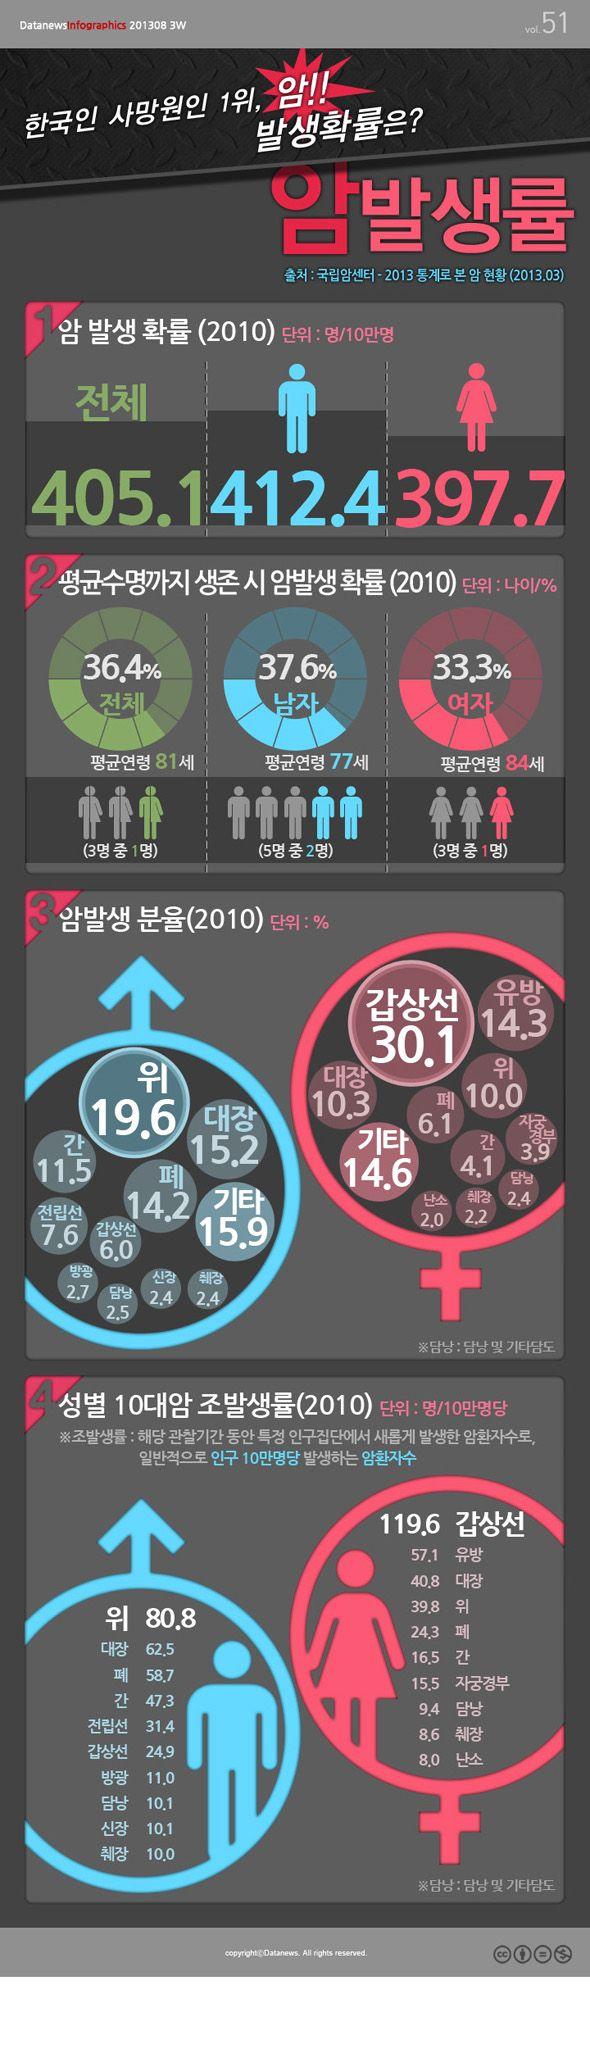 [Infographic] 한국인의 암 발생률에 관한 인포그래픽